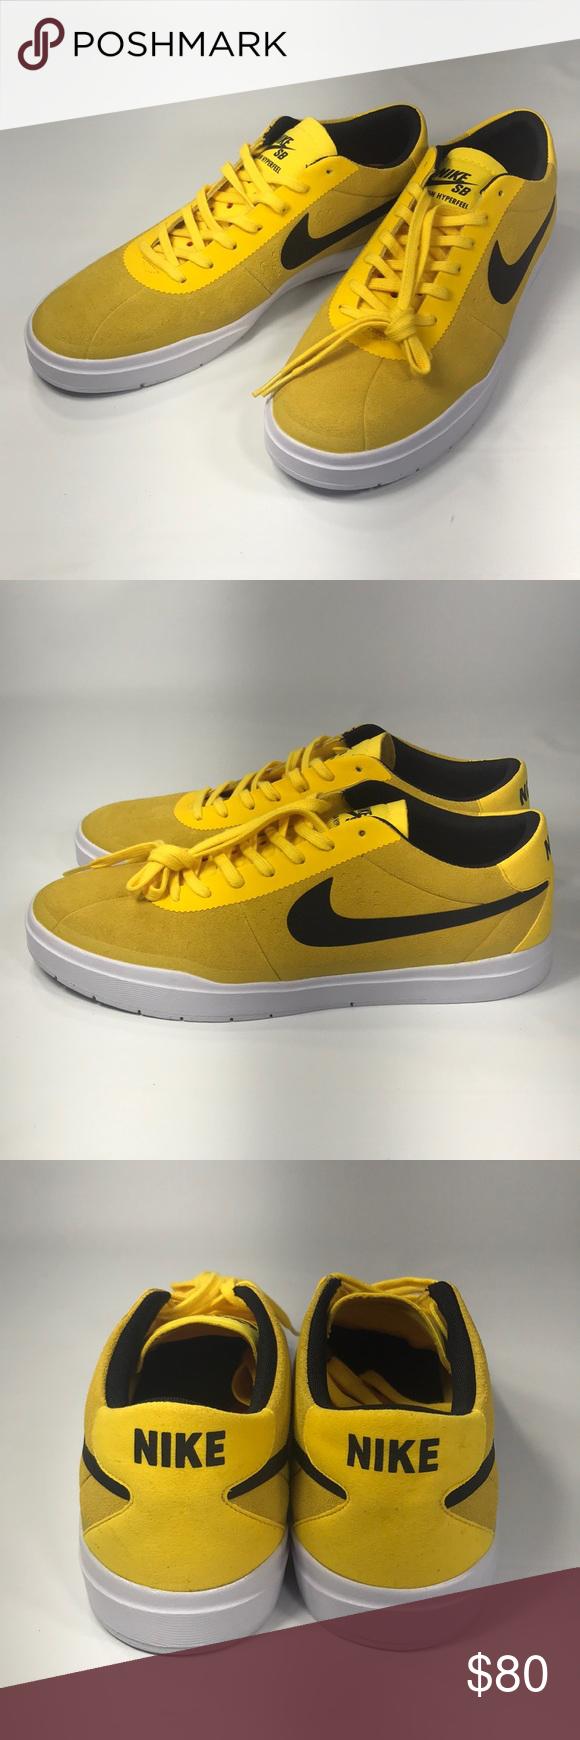 Nike SB Bruin Hyperfeel Yellow Suede Sneaker